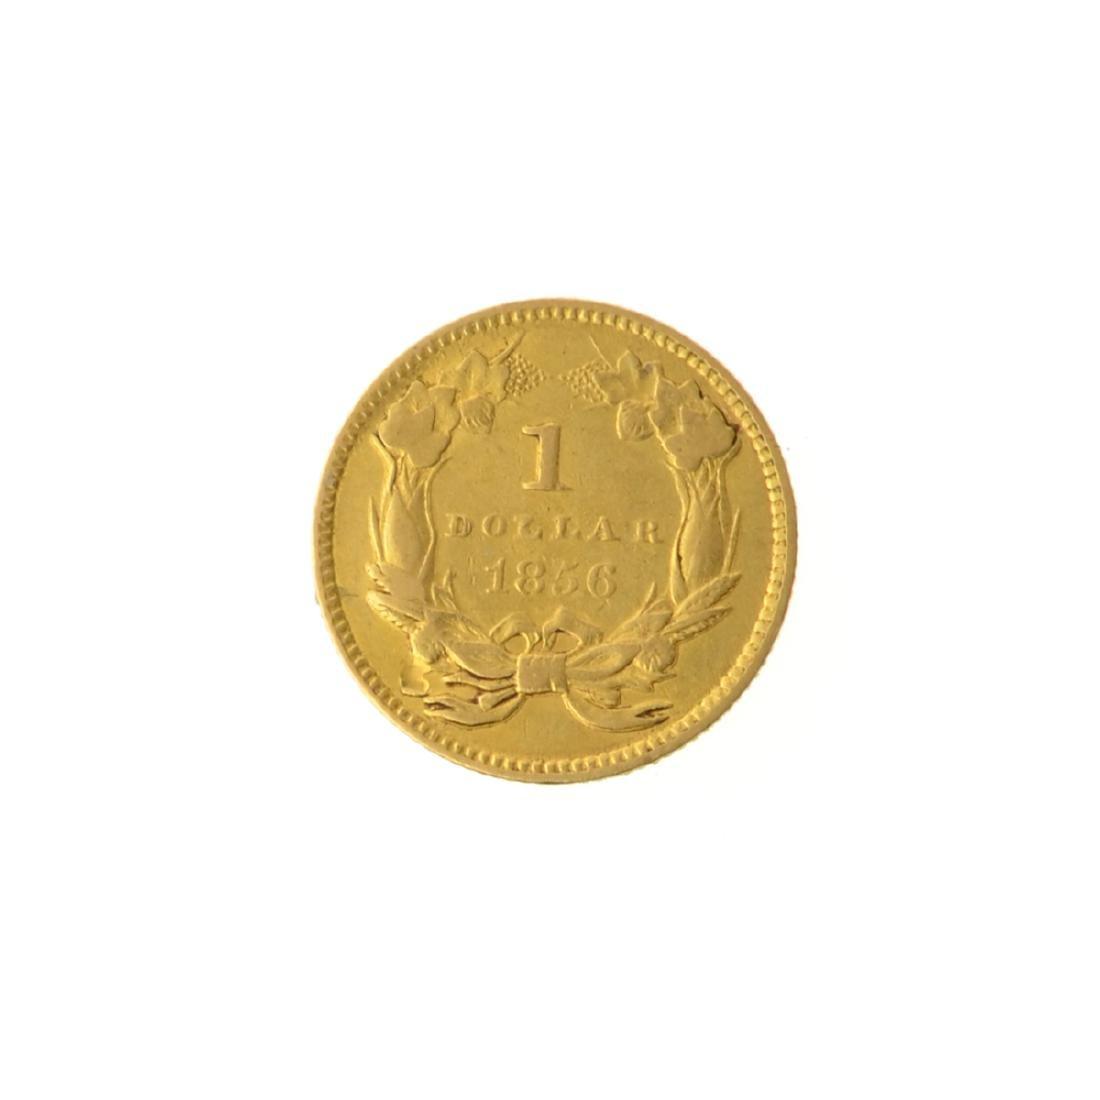 *1856 $1 U.S. Indian Gold Coin (JG-MRT) - 2